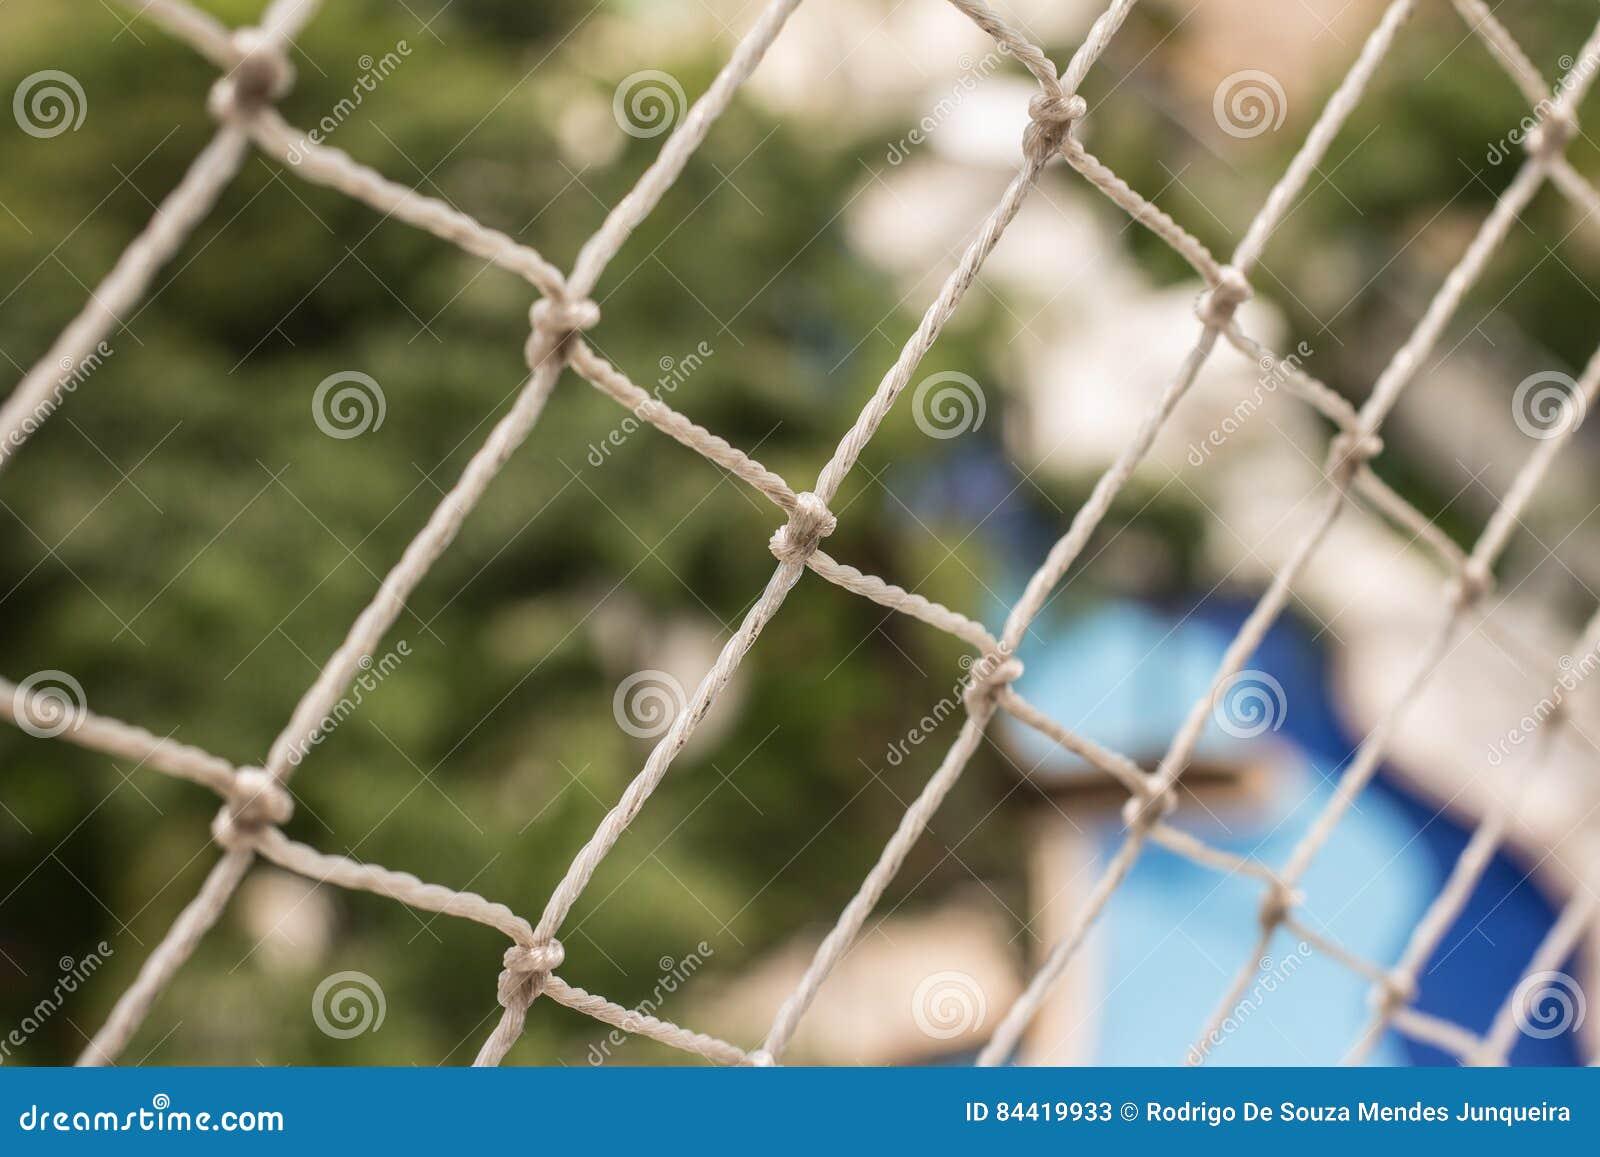 Rete Per Balconi Bambini rete di sicurezza per il balcone immagine stock - immagine